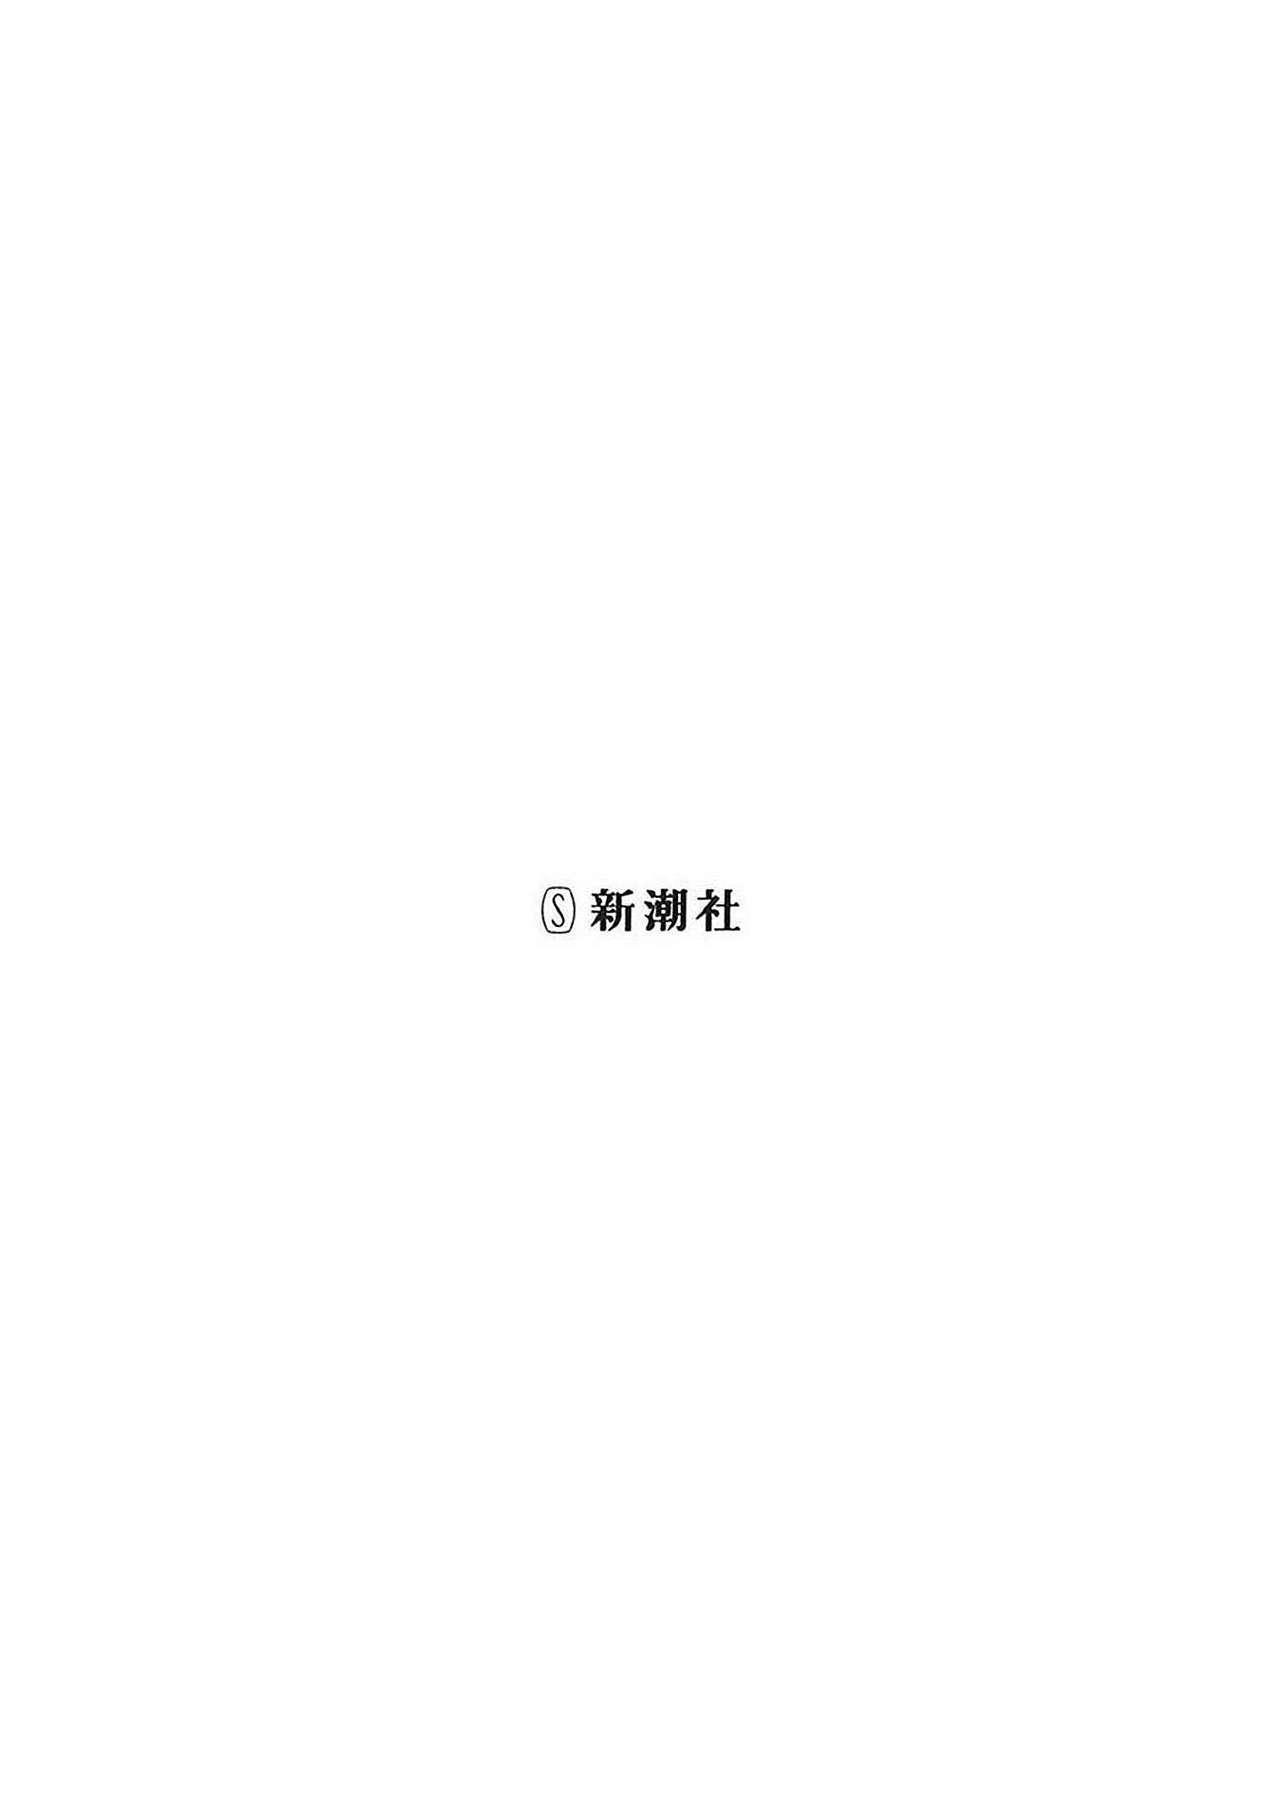 JK Haru wa Isekai de Shoufu ni Natta 1-14 1